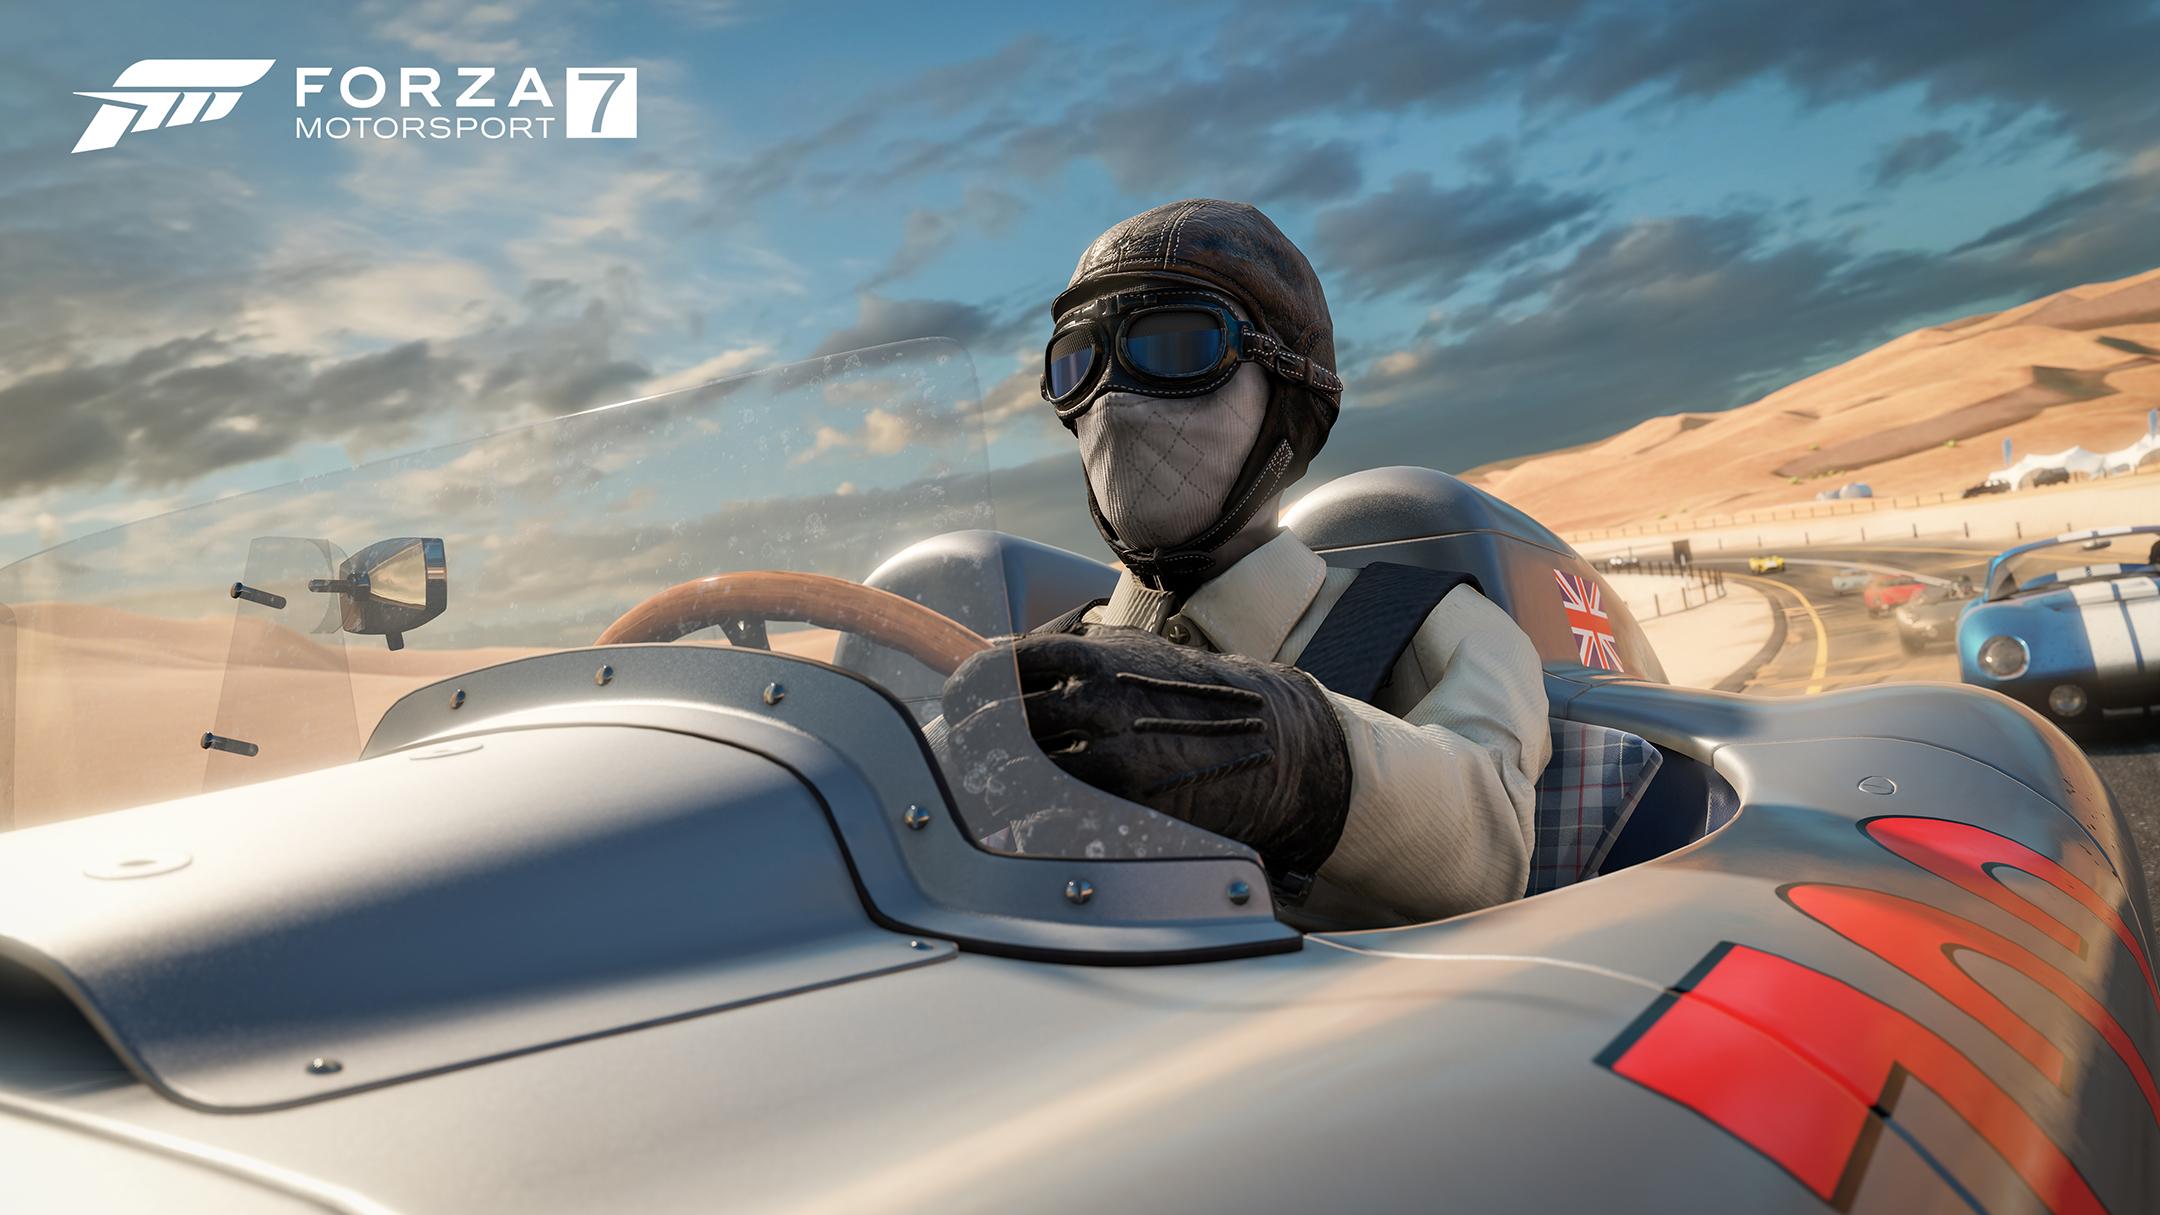 Forza Motorsport 7 - screen - Mercedes-Benz Driver